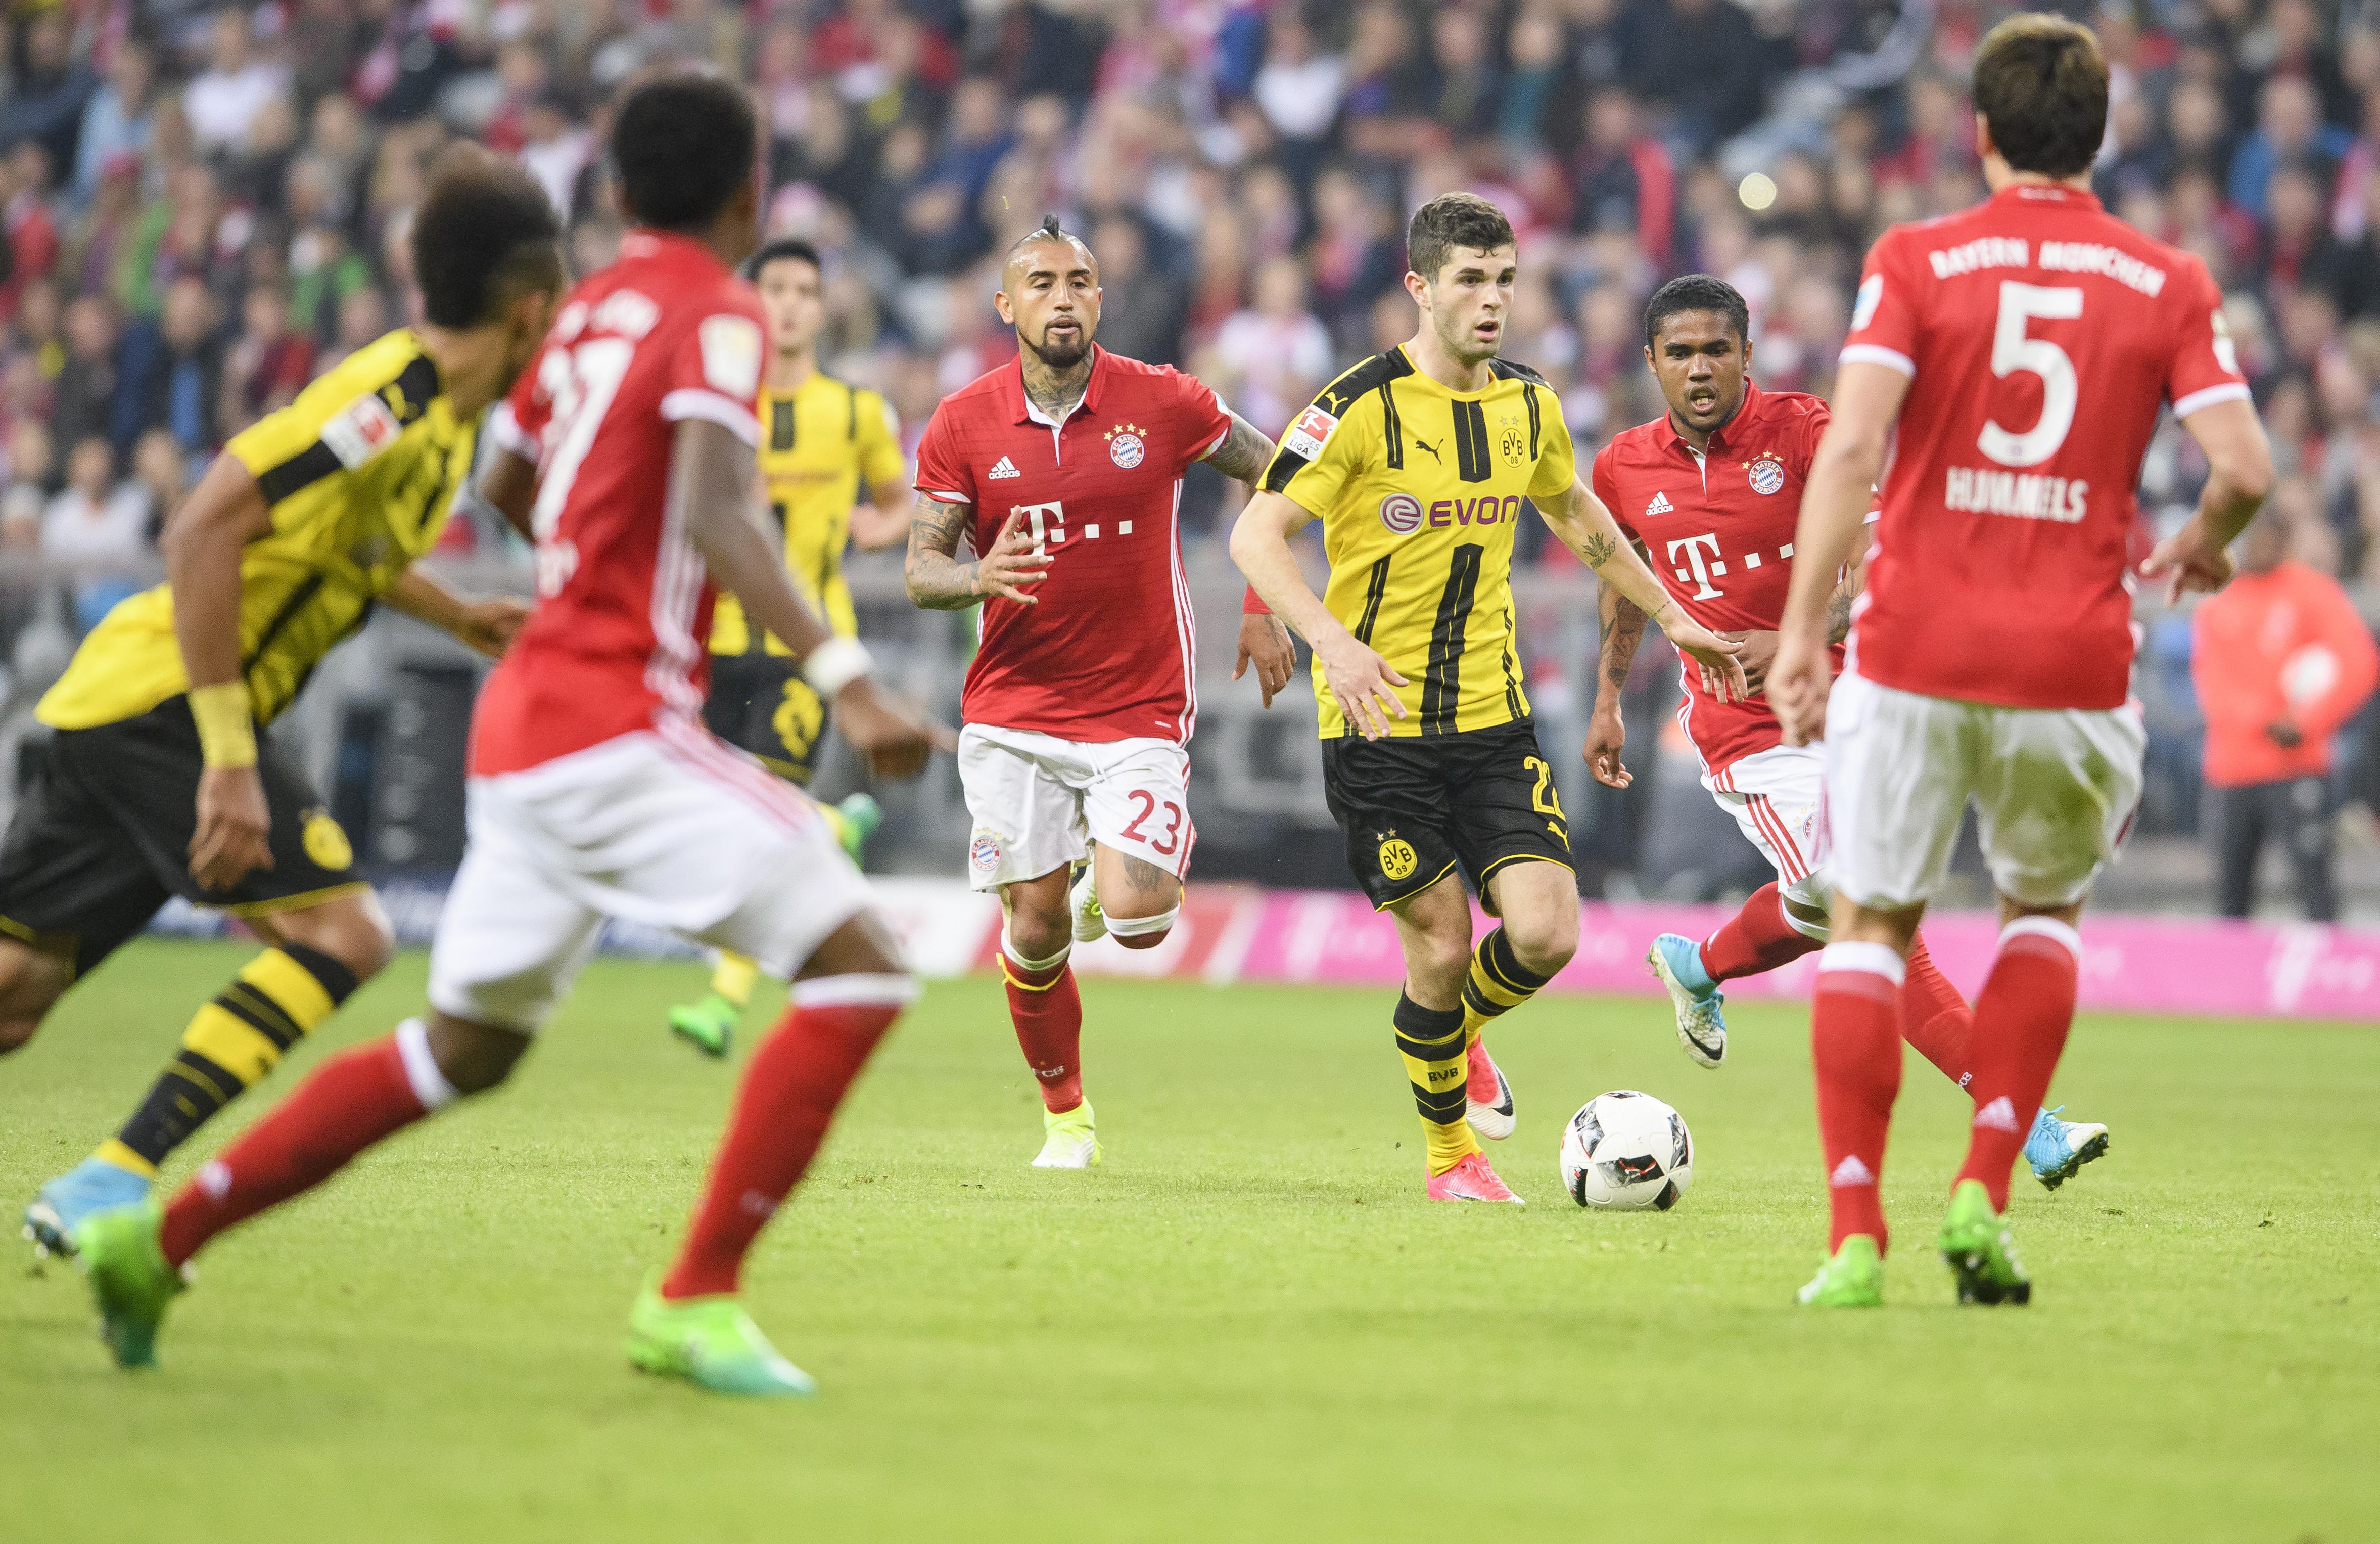 Fussball Heute Bayern Munchen Borussia Dortmund Im Stream